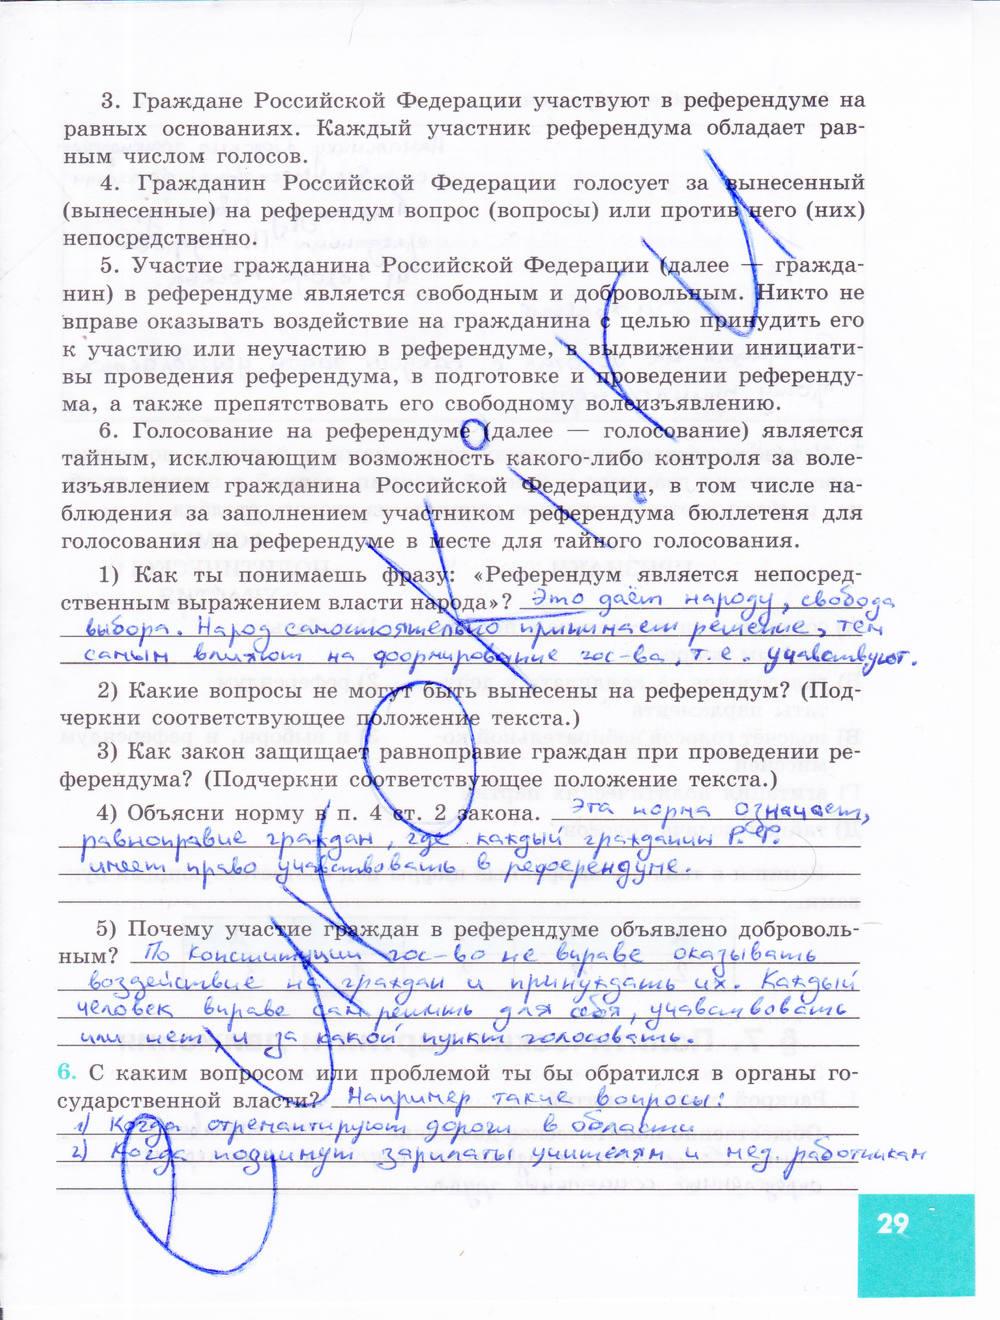 Гдз По Обществознанию 9 Класс Тетрадь Котова И Лискова